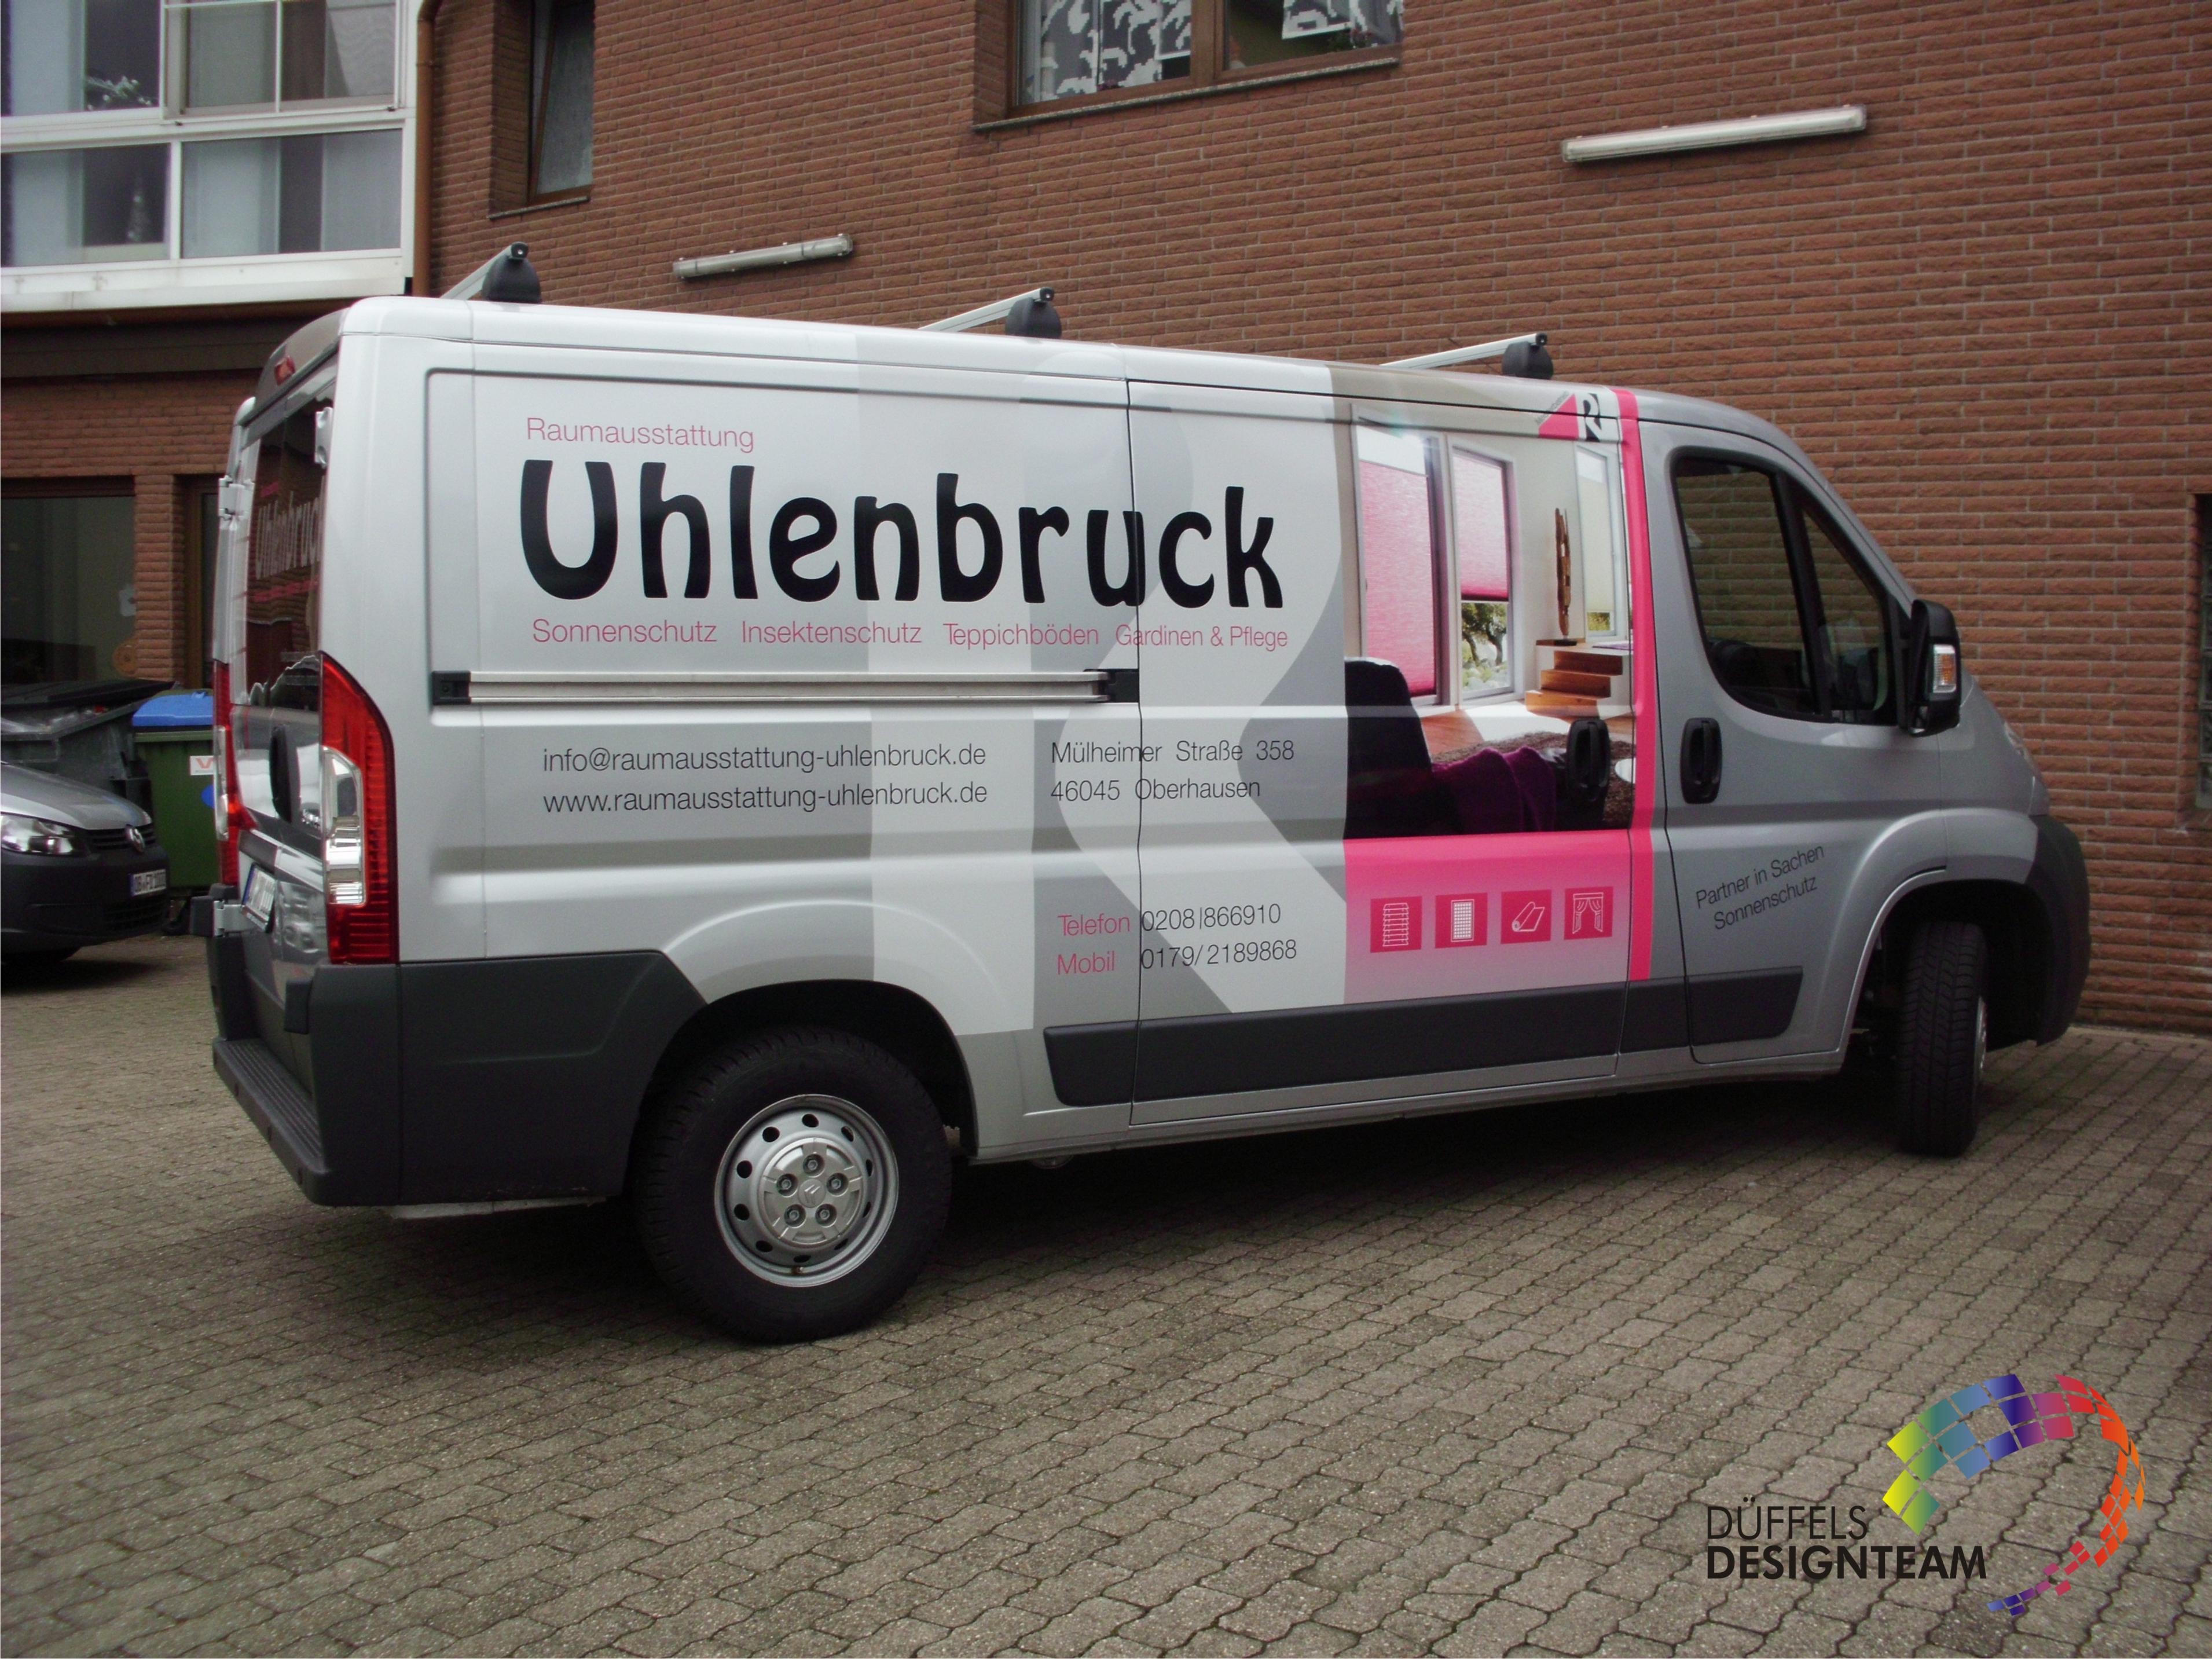 Uhlenbruck1.jpg